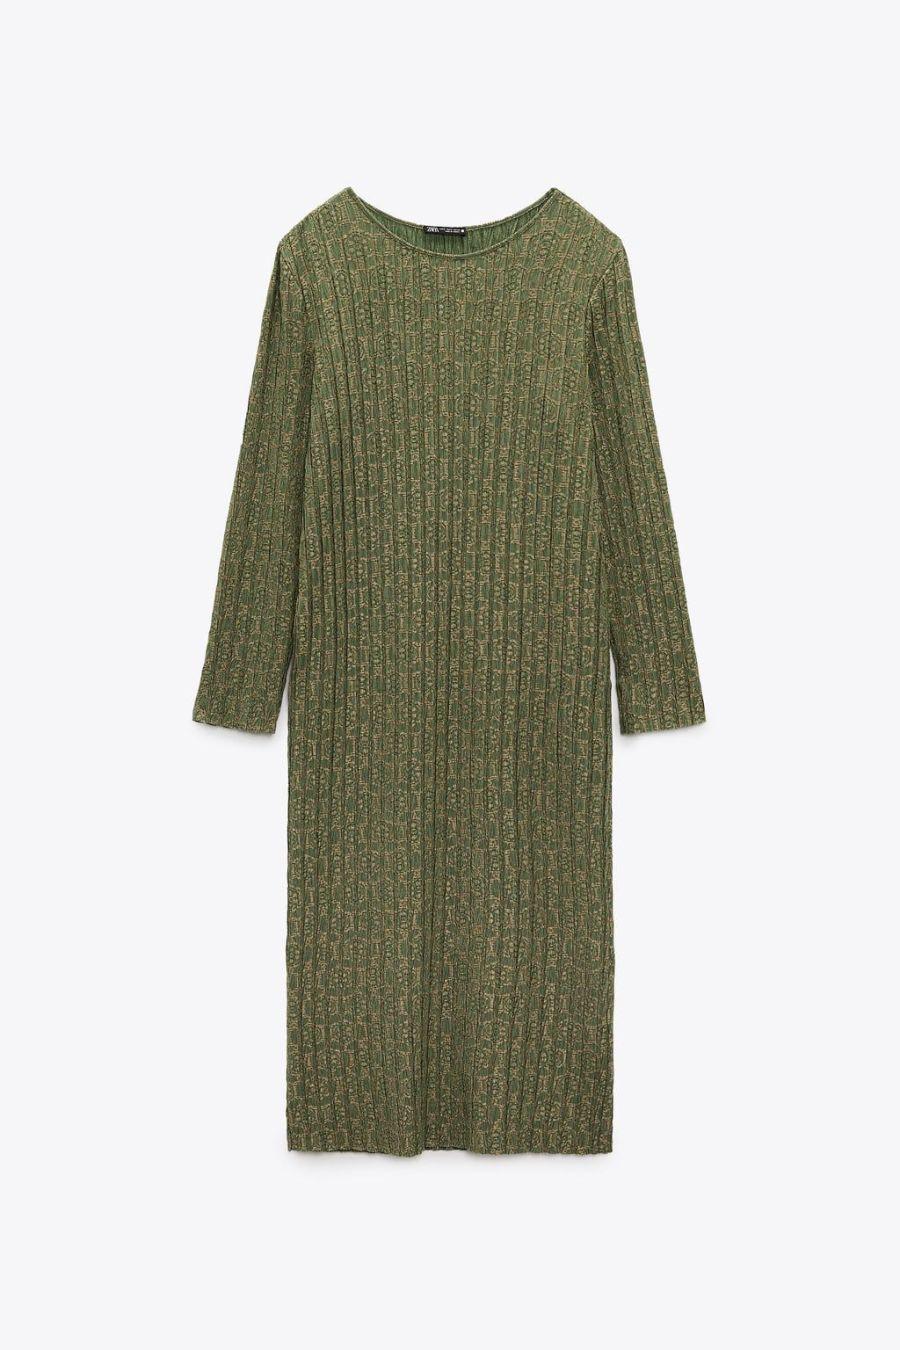 """Kate Middleton va a fare la spesa col vestitino Zara da 25 euro. """"Perfetto per ogni occasione"""". Tutte lo vogliono ed è in saldo"""